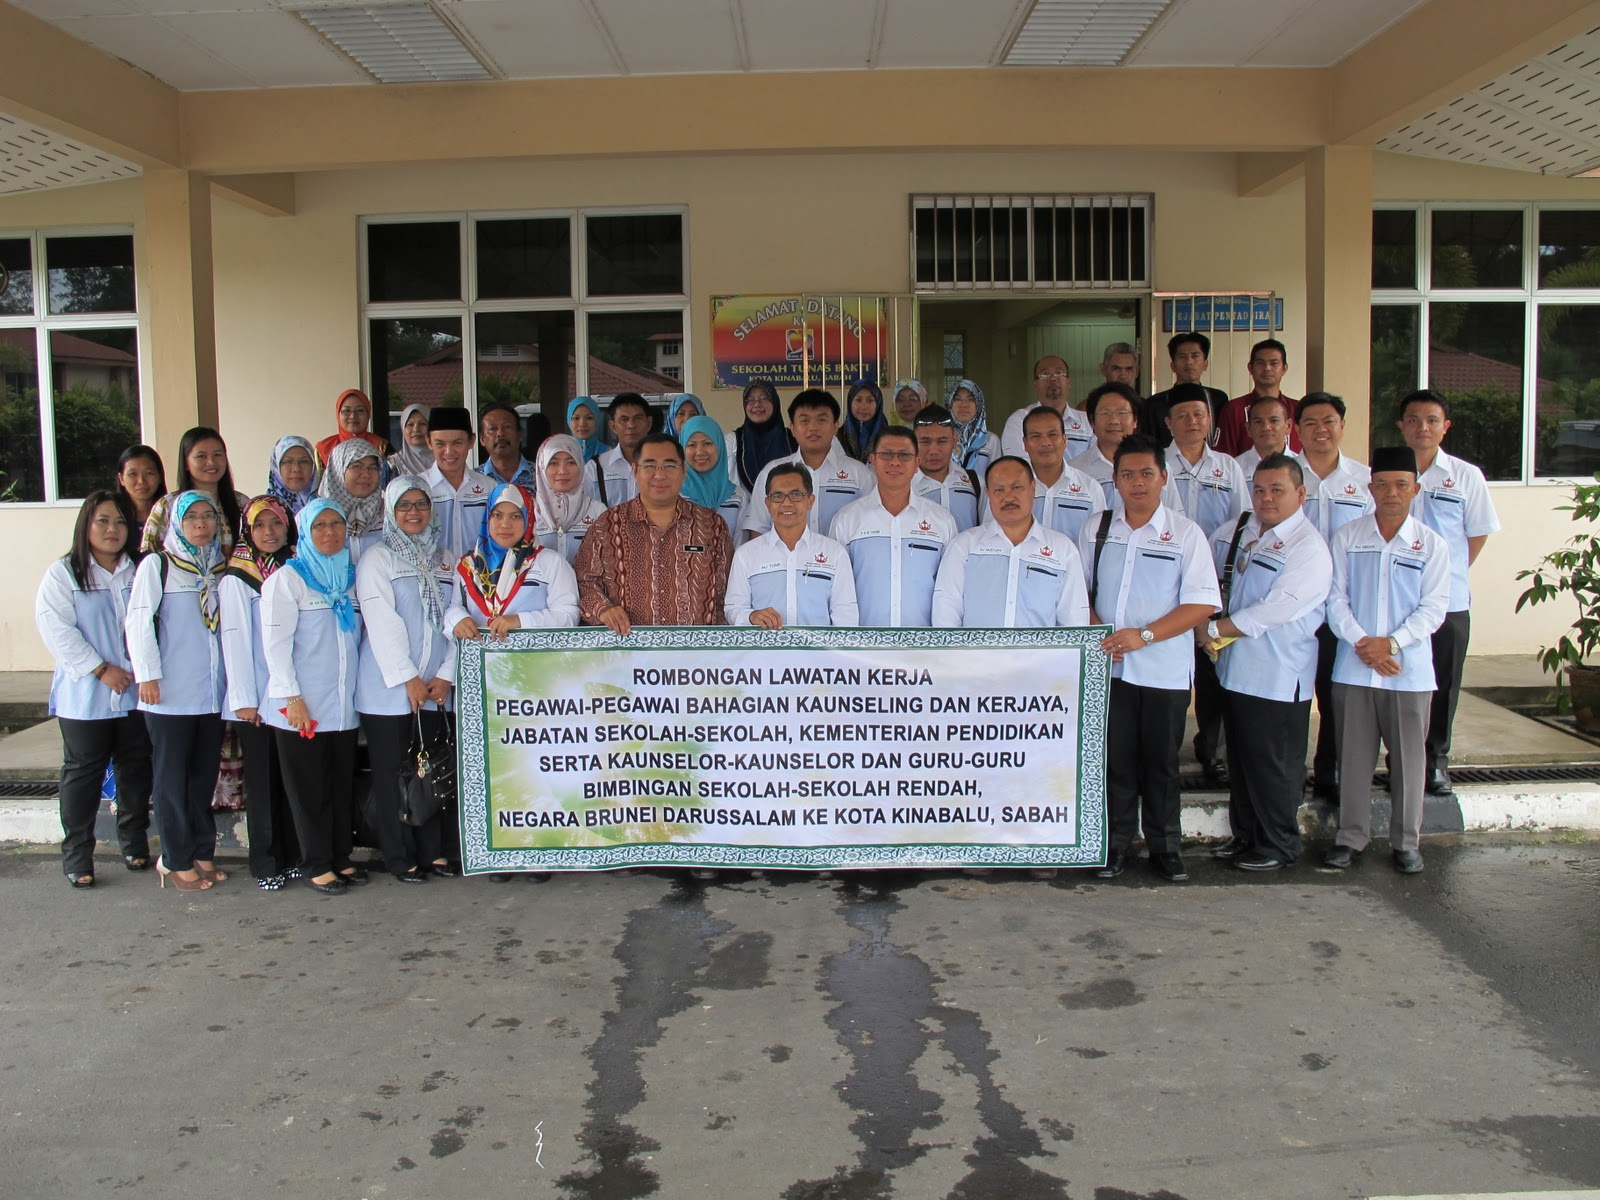 Pendidikan, Negara Brunei Darussalam ke Kota Kinabalu, Sabah, Malaysia